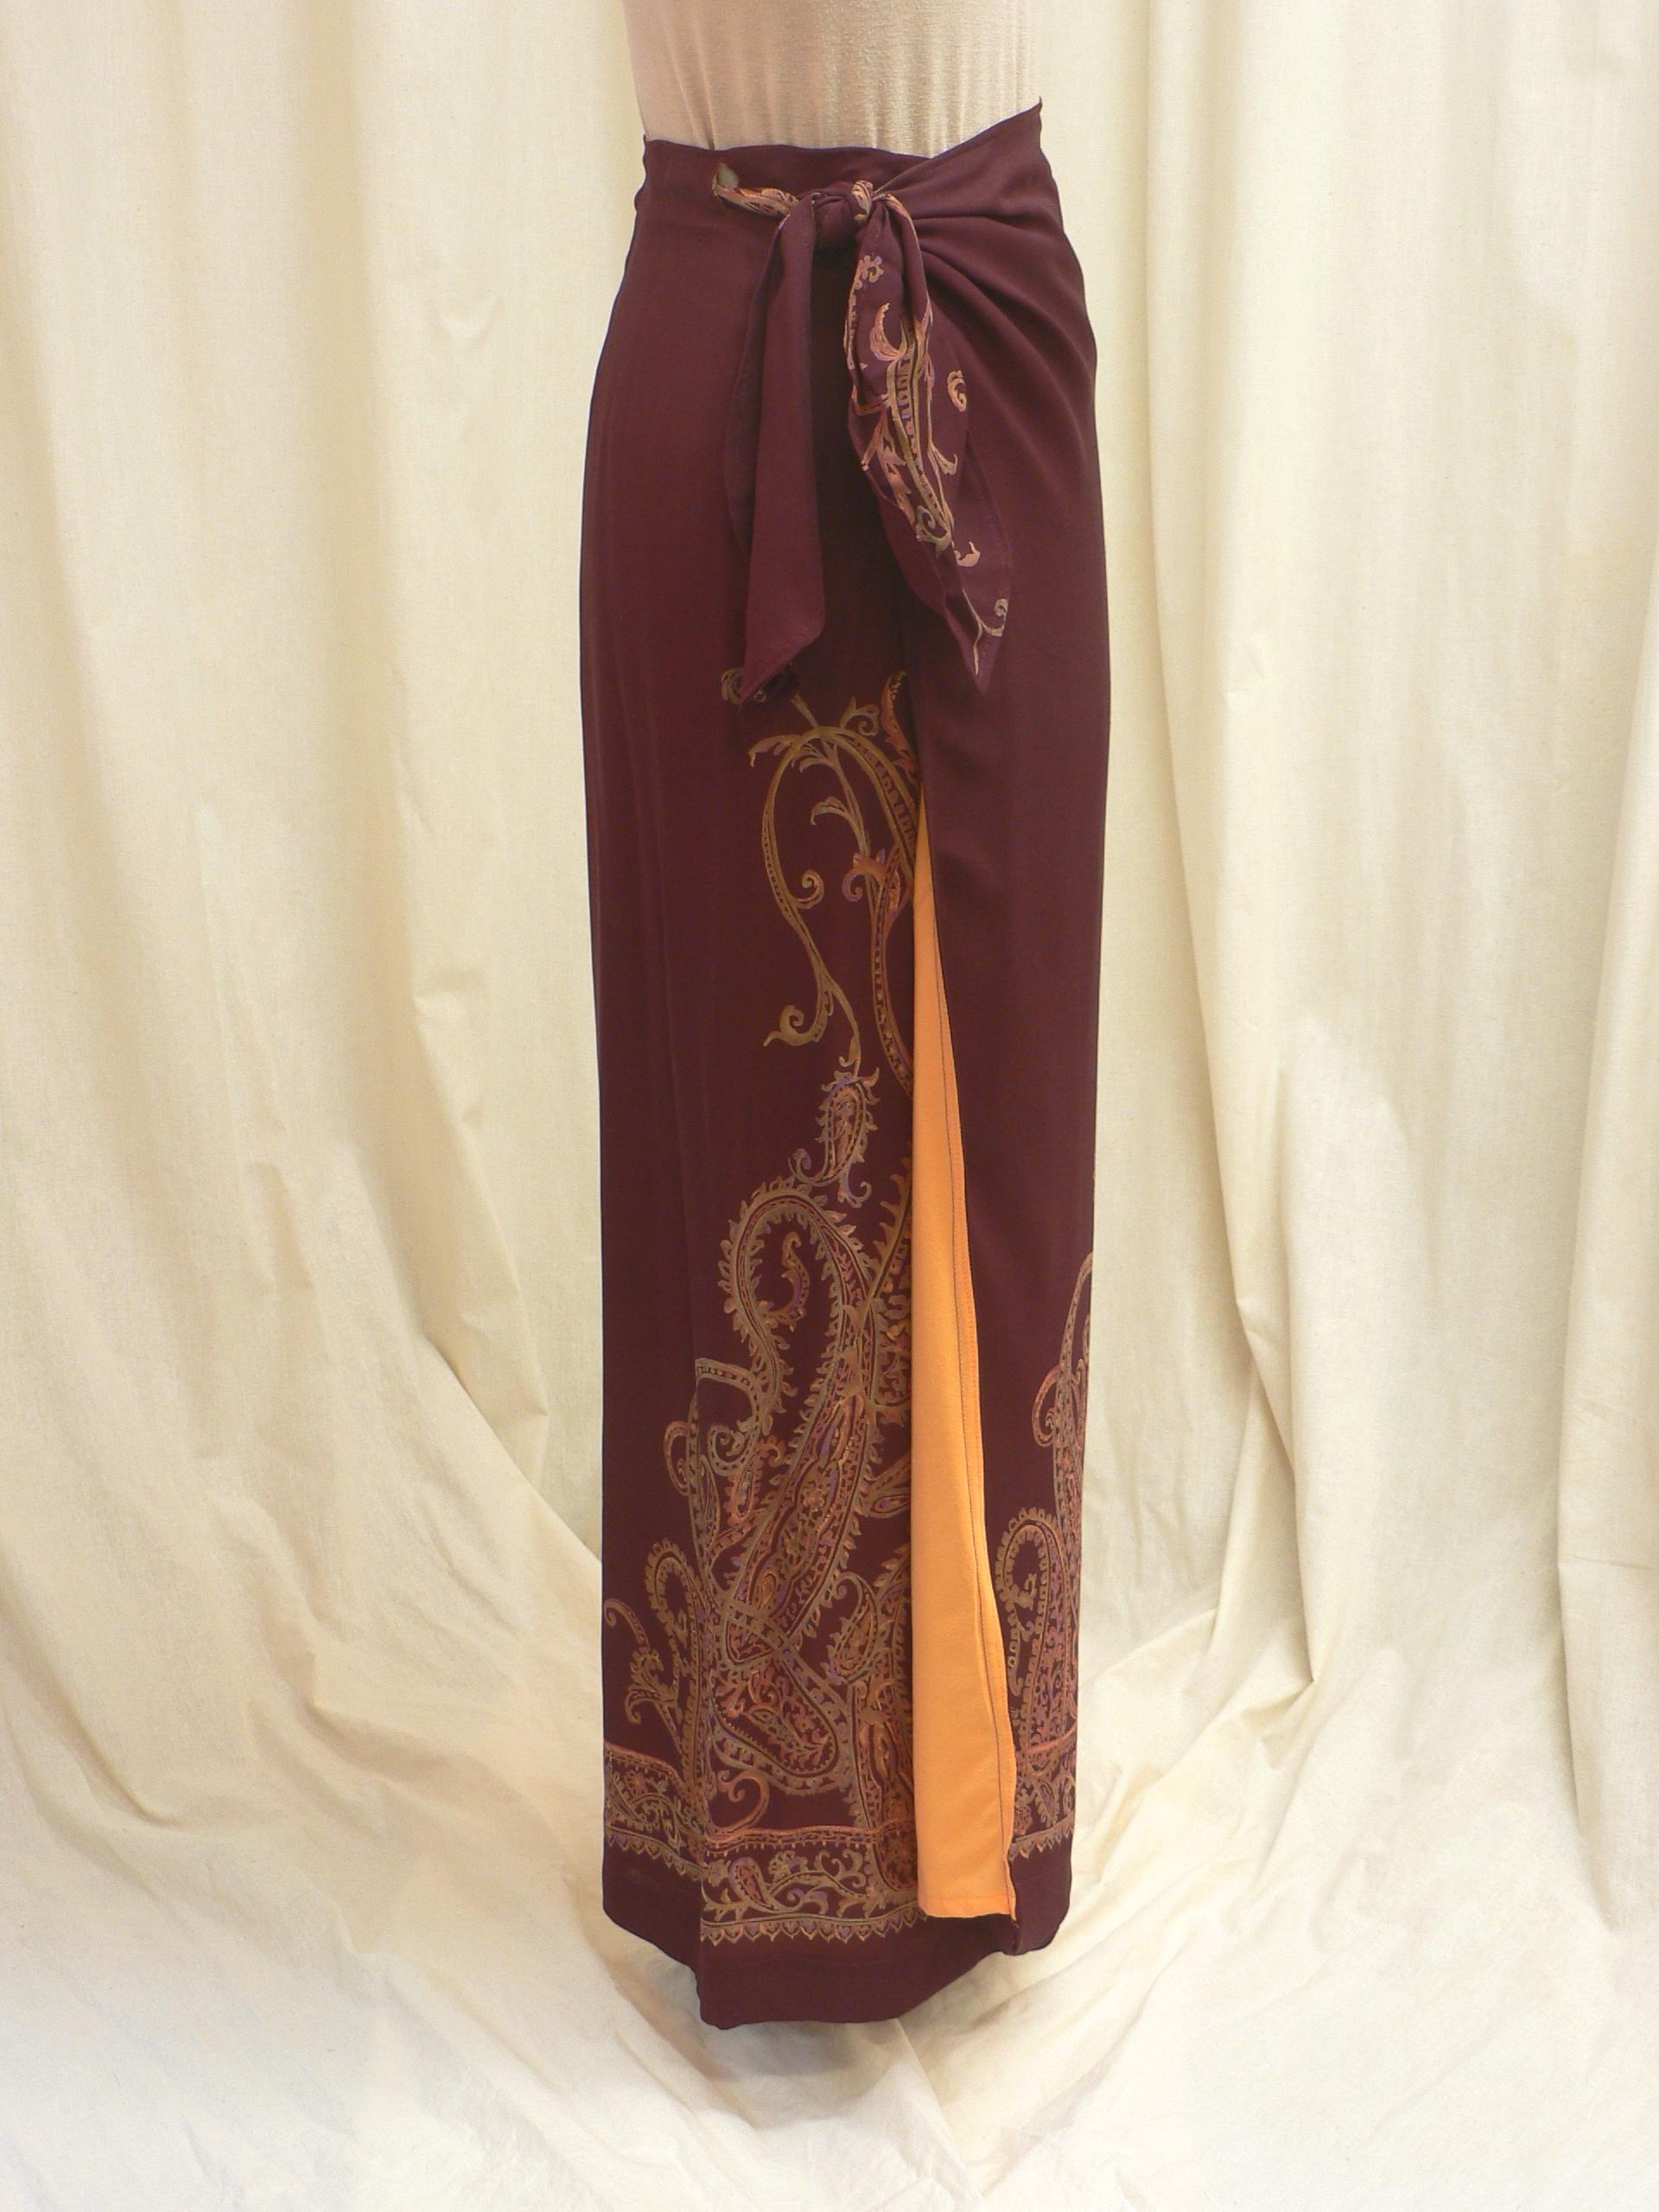 skirt07_side.JPG